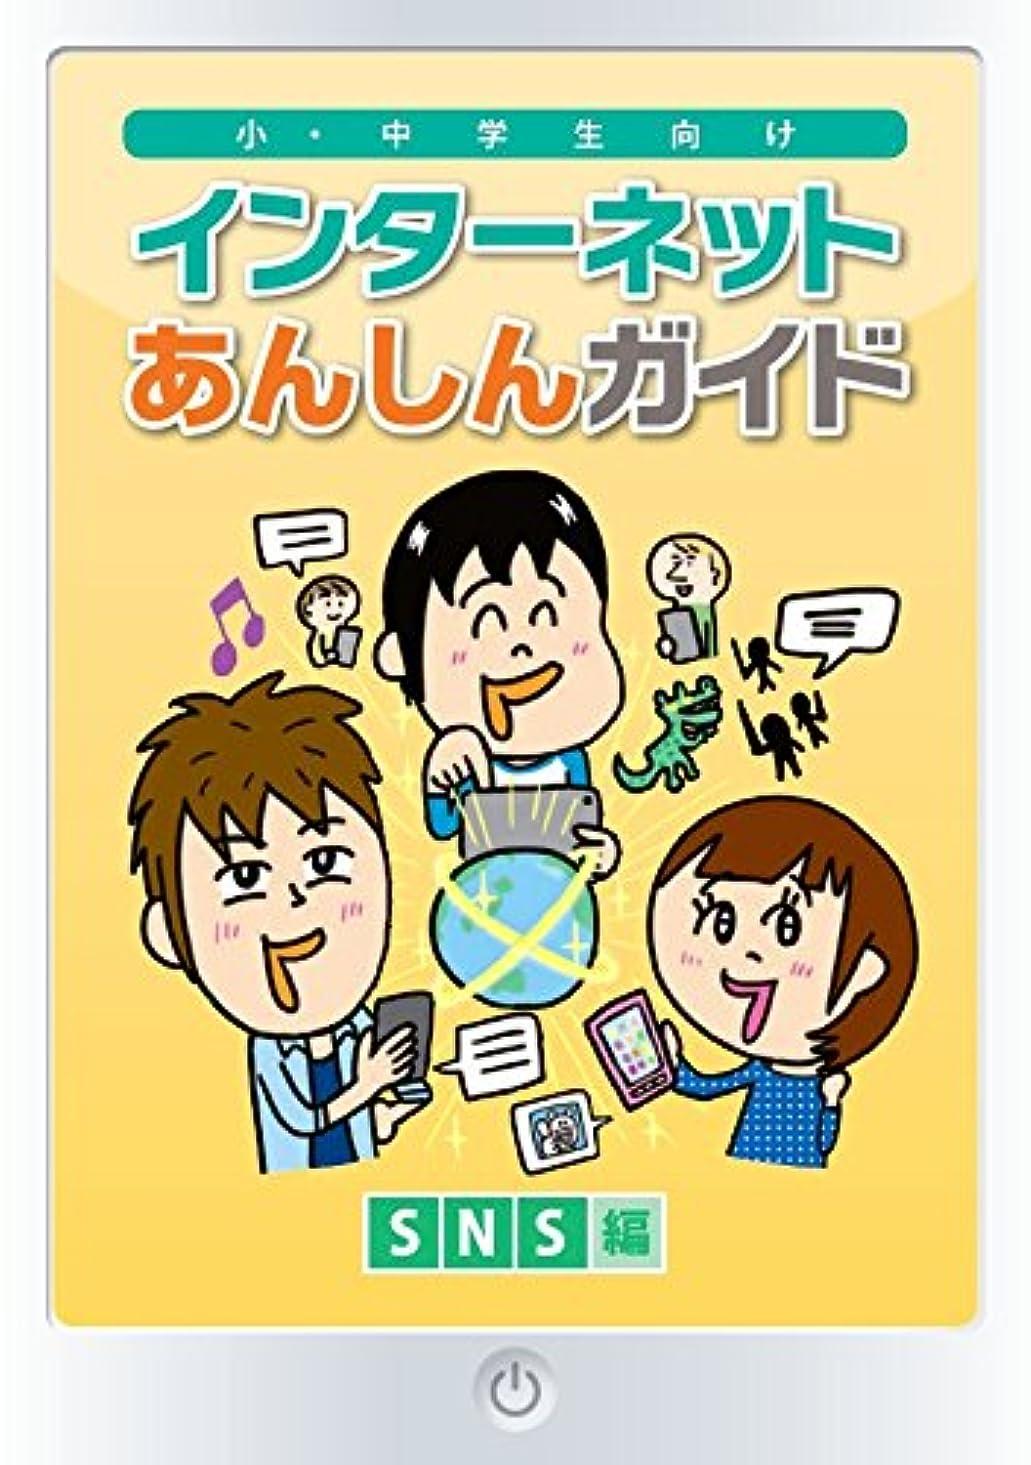 パートナー提案するアグネスグレイ【無料】 インターネットあんしんガイド SNS編   ダウンロード版